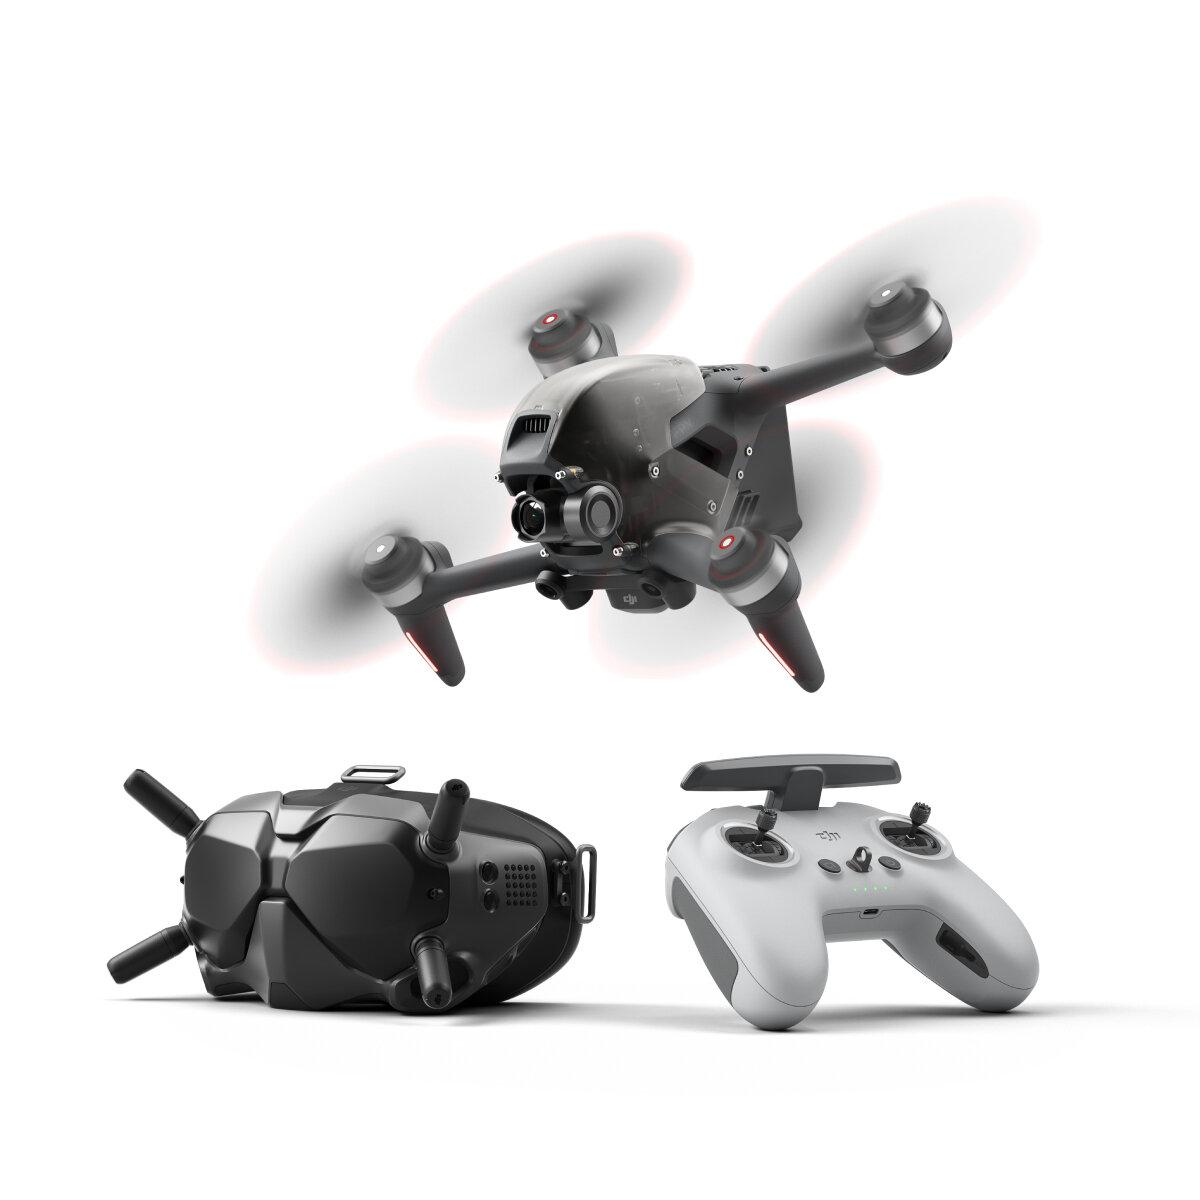 DJI FPV Drone + Remote control + Goggles Combo